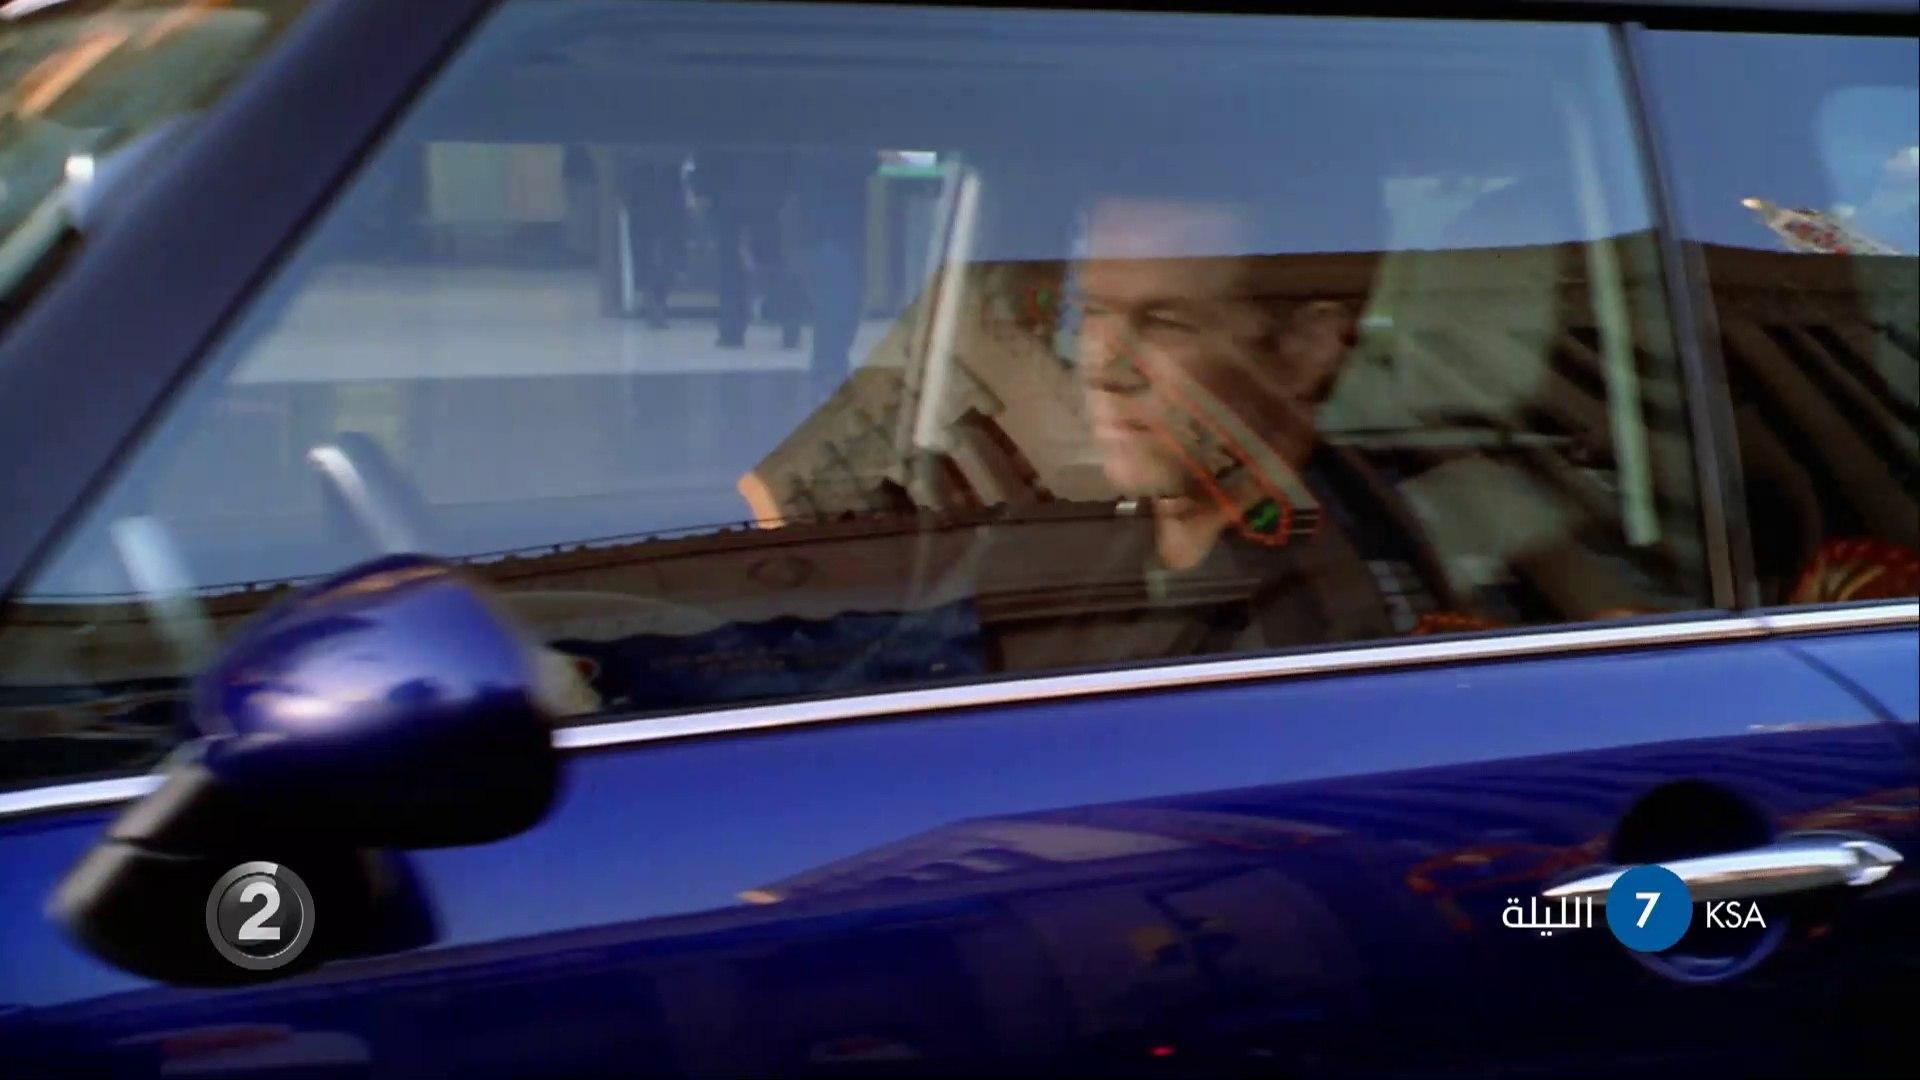 لعشاق أفلام الأكشن والجريمة.. لاتفوتوا مشاهدة فيلم The Italian Job الليلة على MBC2